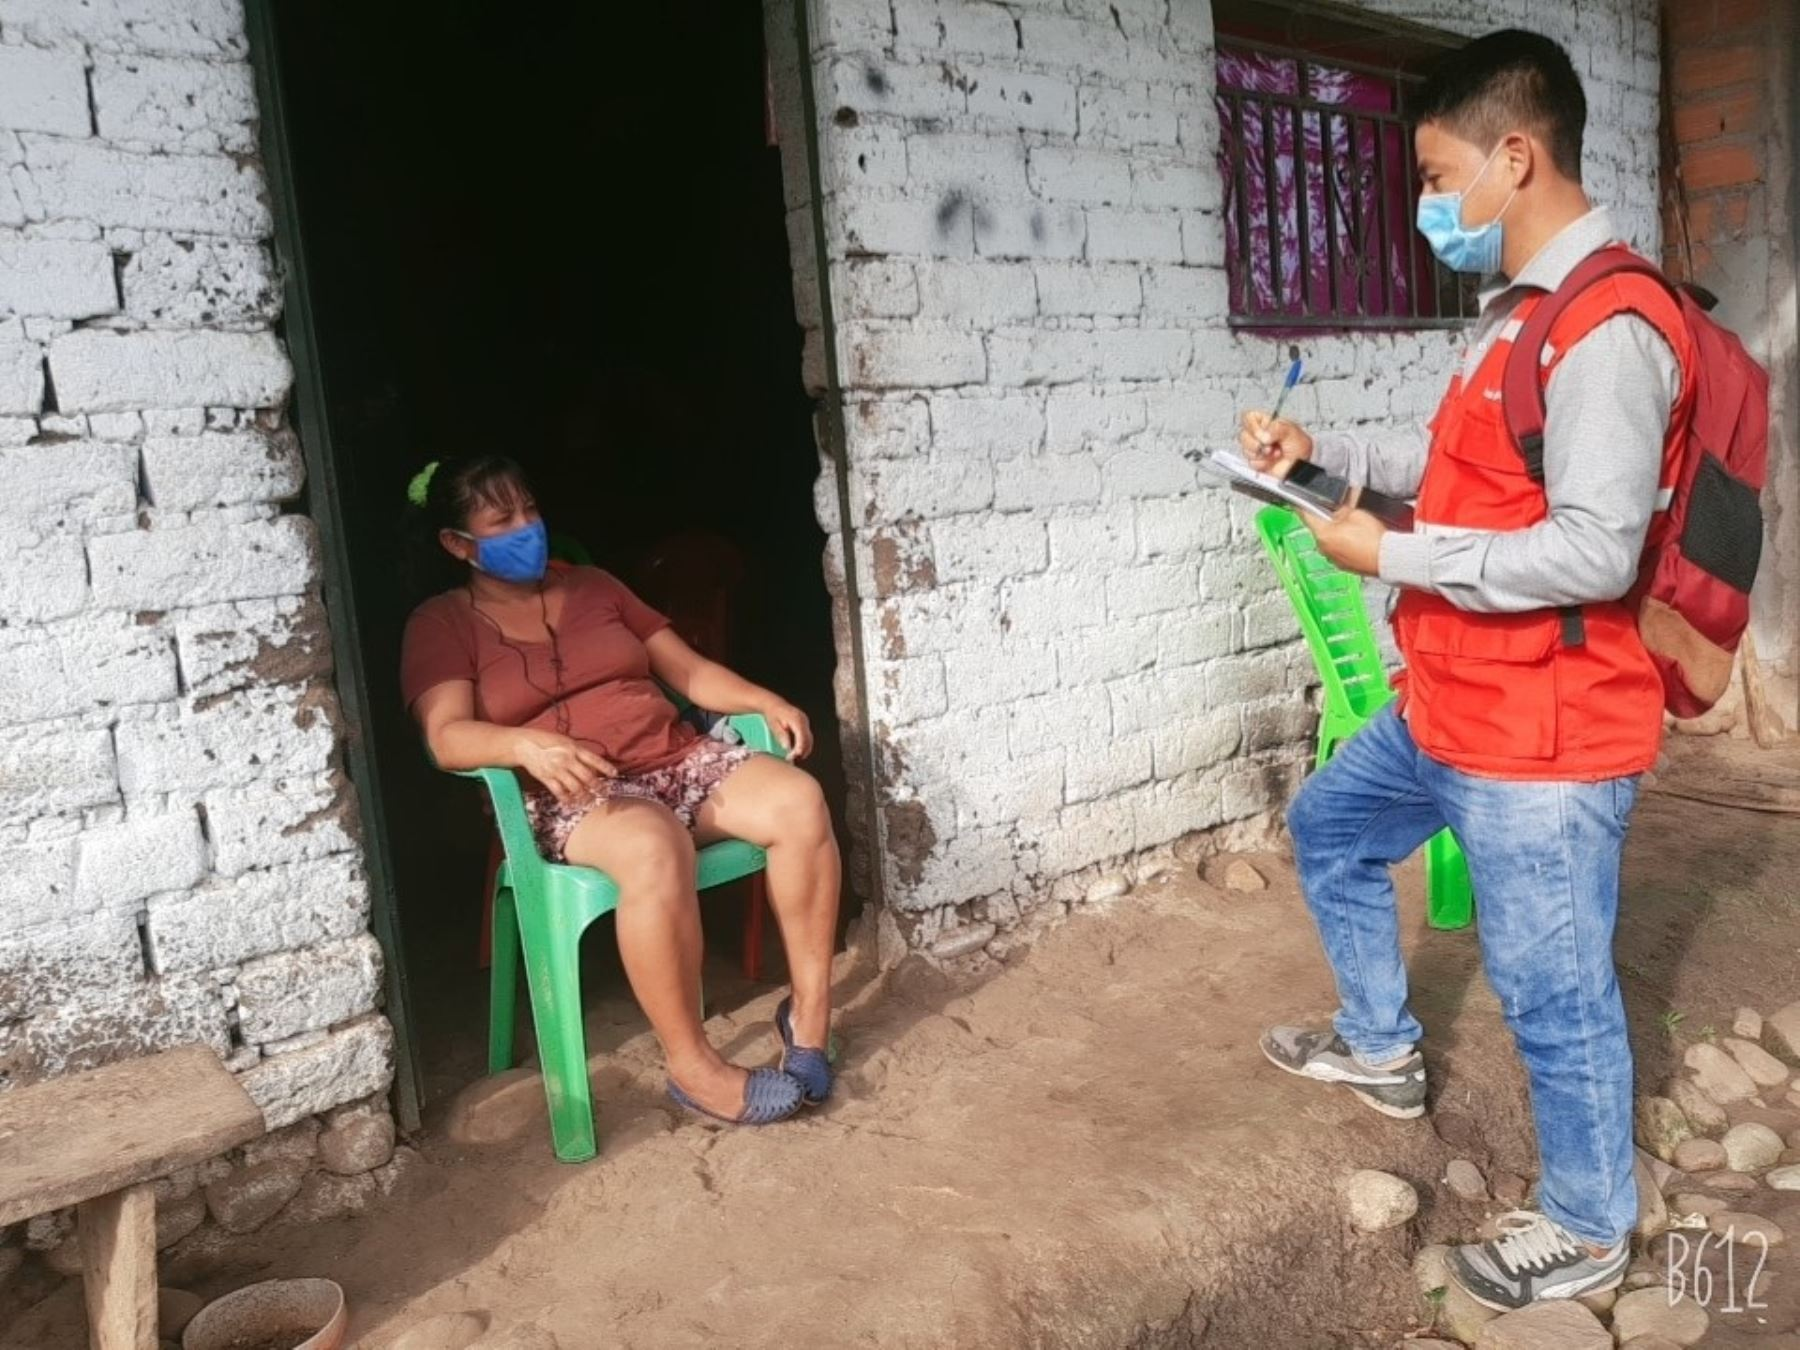 Ministra Vargas: subsidios de programas sociales contuvieron la pobreza en 4.7 puntos